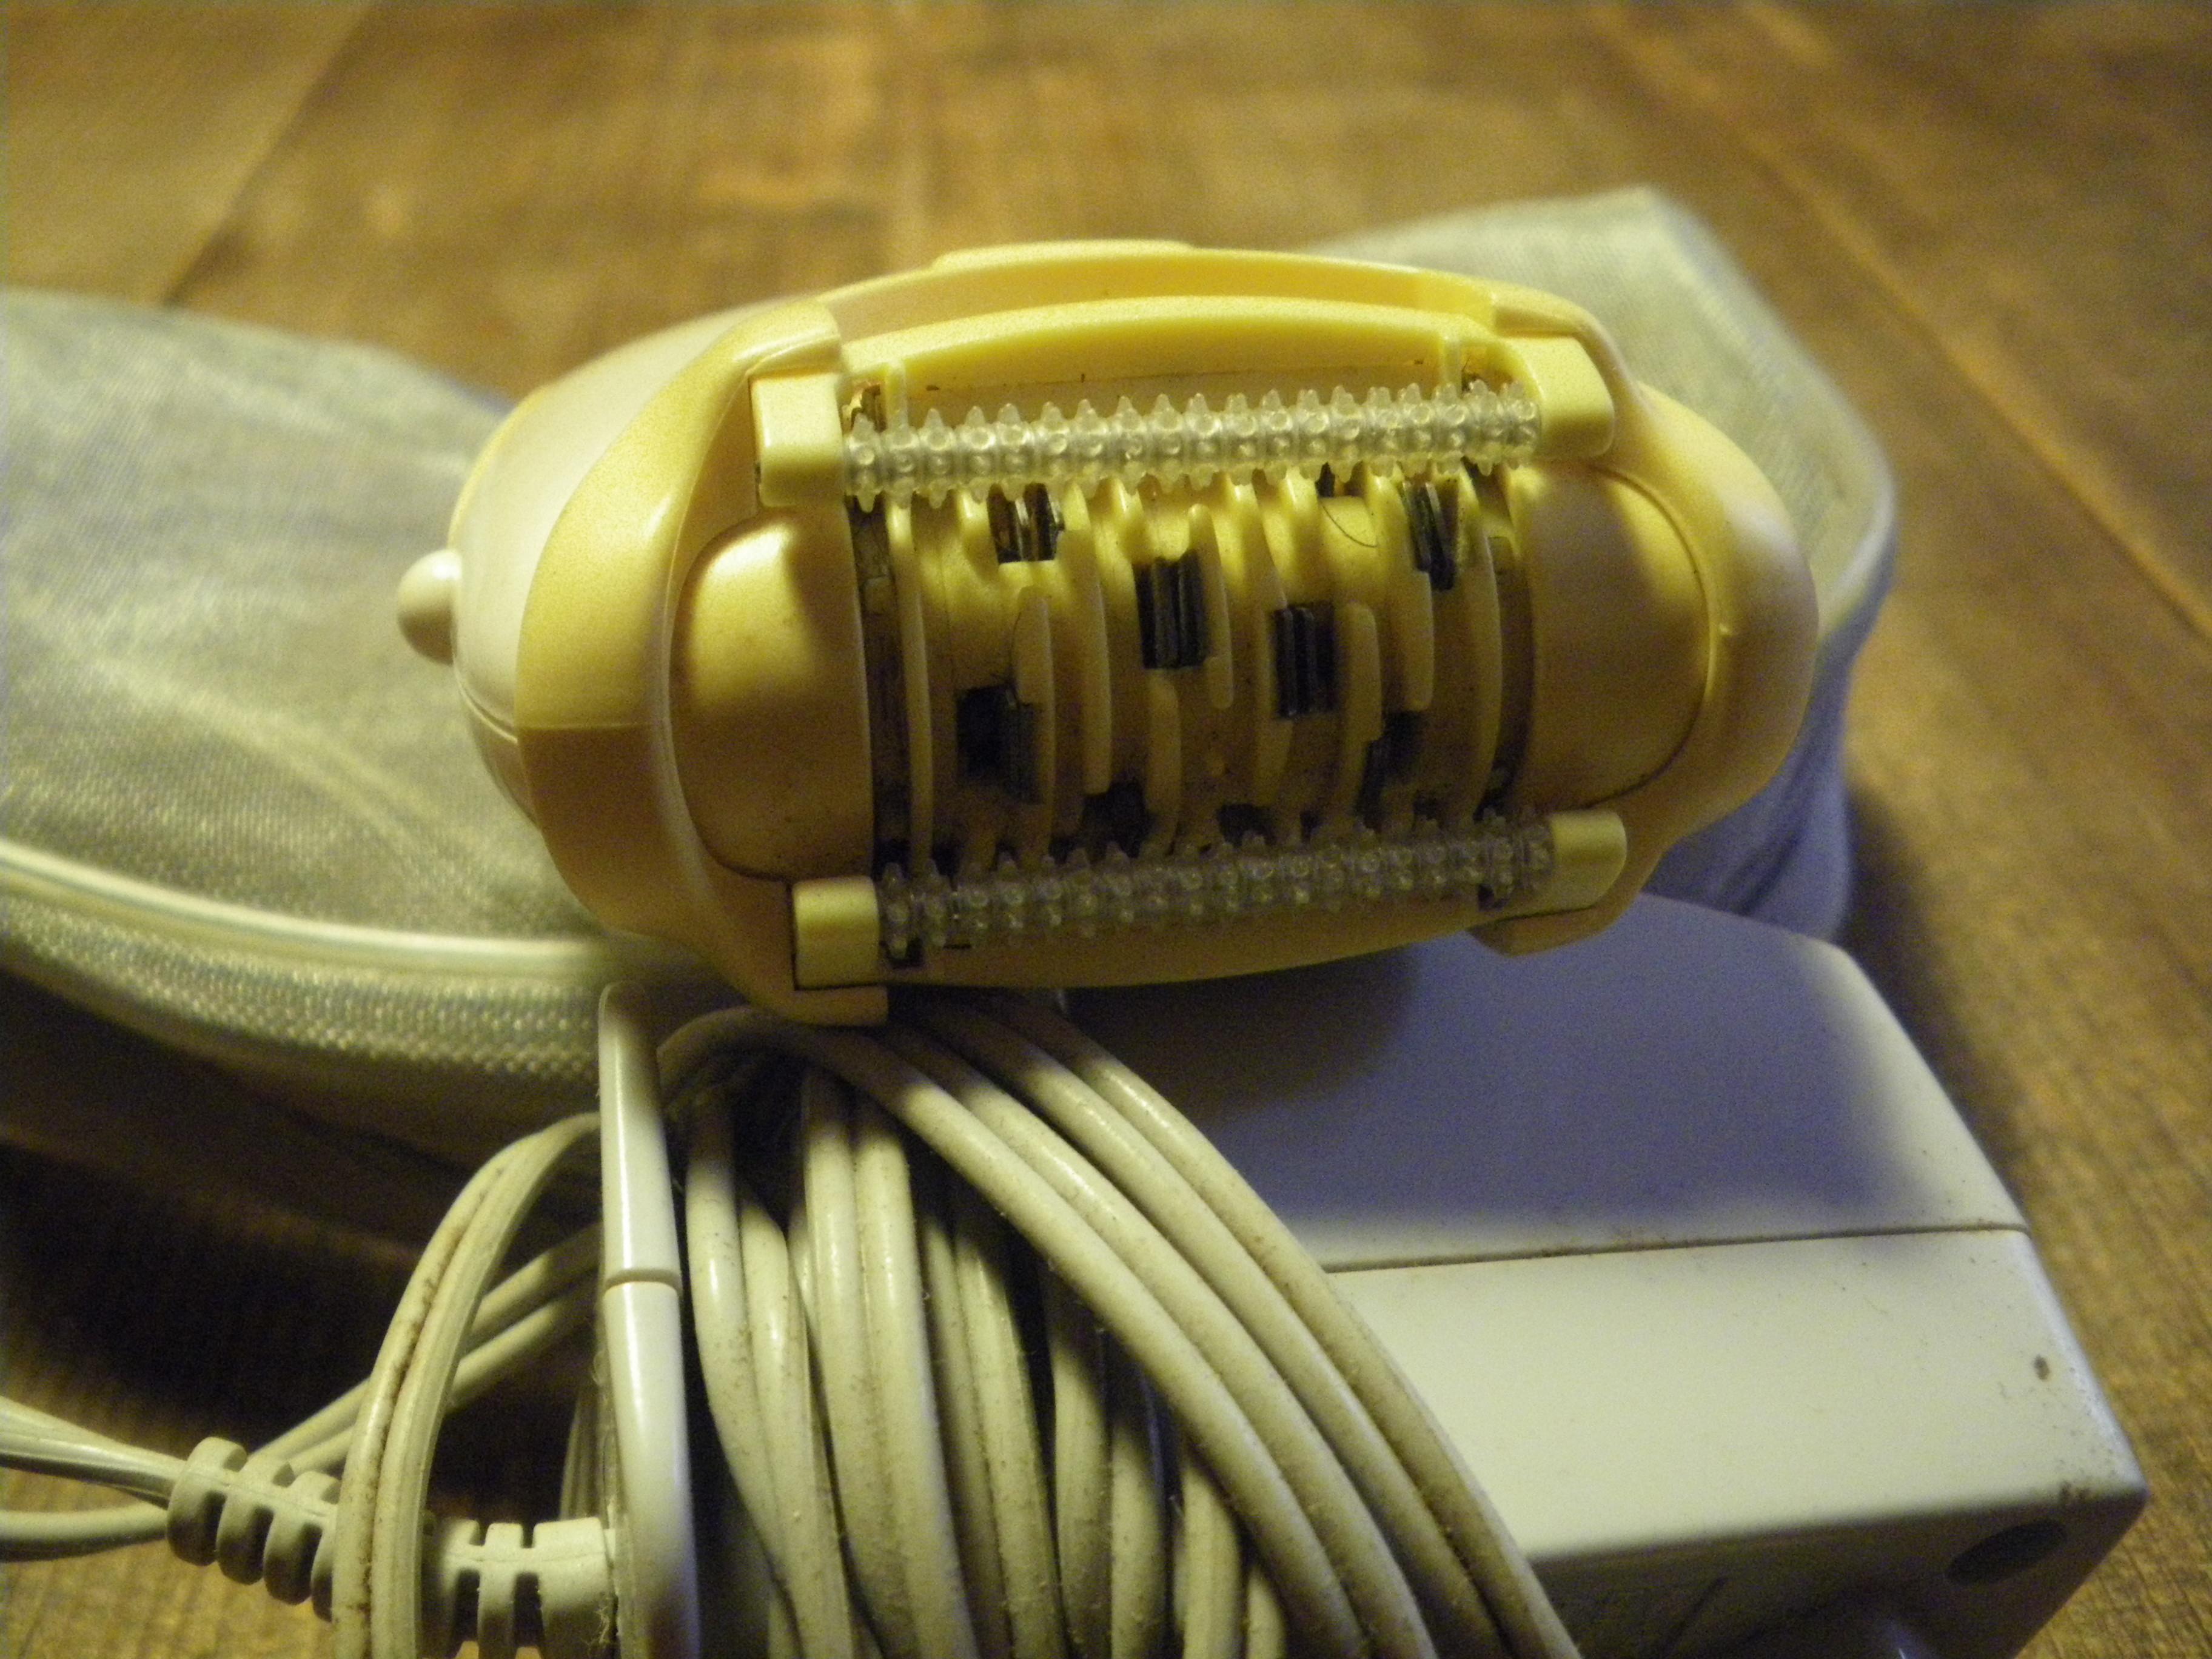 troc de troc Épilateur électrique image 1